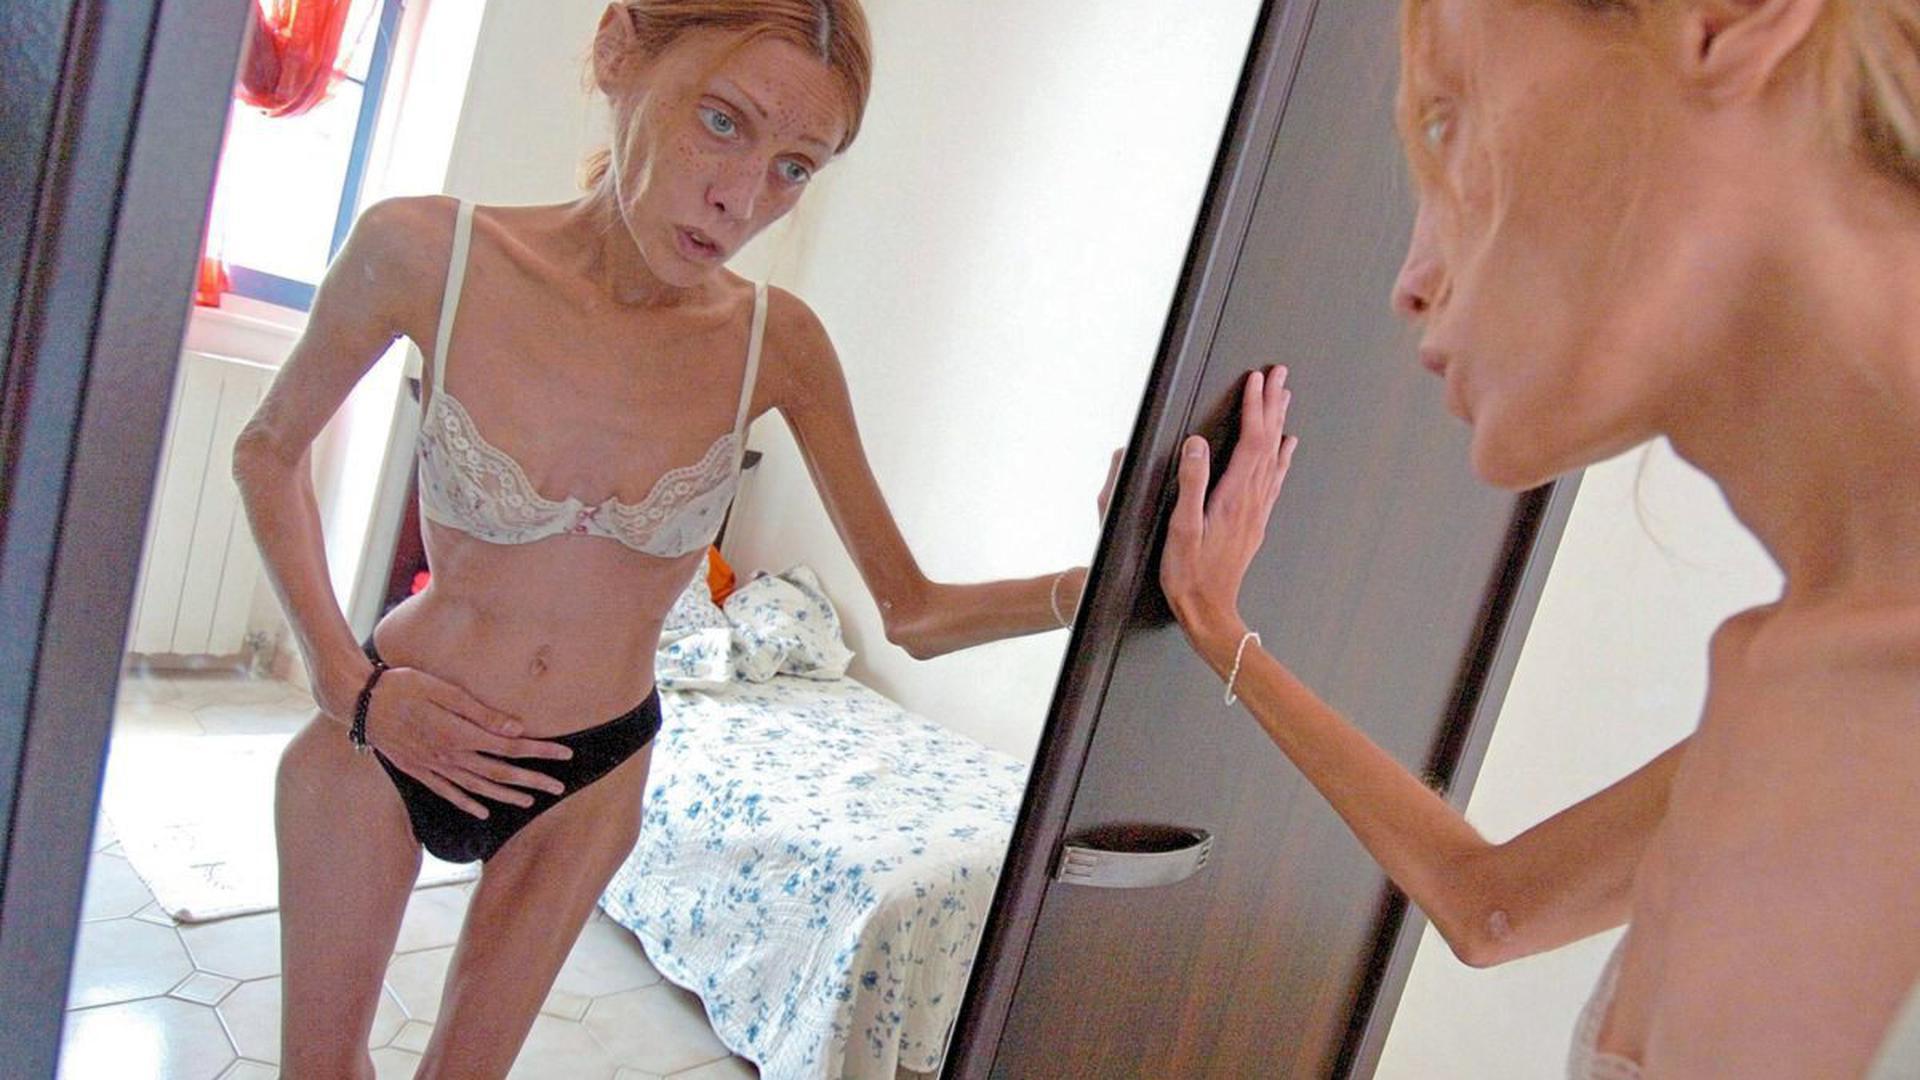 Magersüchtige, wie das verstorbene Model Isabelle Caro, die mit solchen Fotos auf die Krankheit hinweisen wollte, hassen ihren Körper. Sport verschafft ihnen kurzzeitig Linderung. Er kann so aber auch schnell zur Sucht werden.